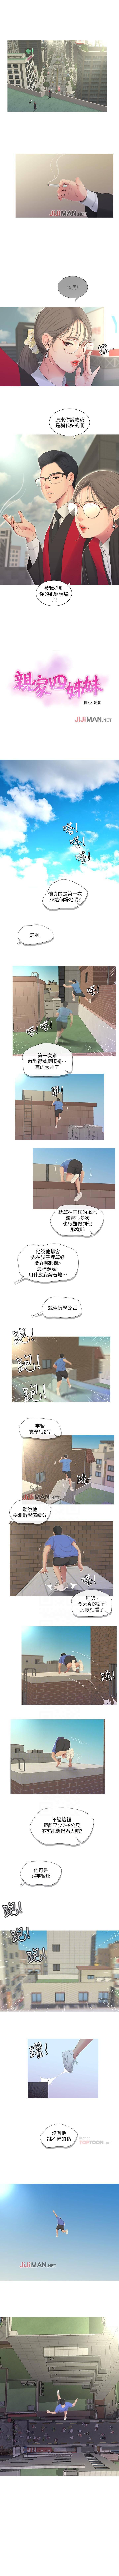 【周四连载】亲家四姐妹(作者:愛摸) 第1~27话 32